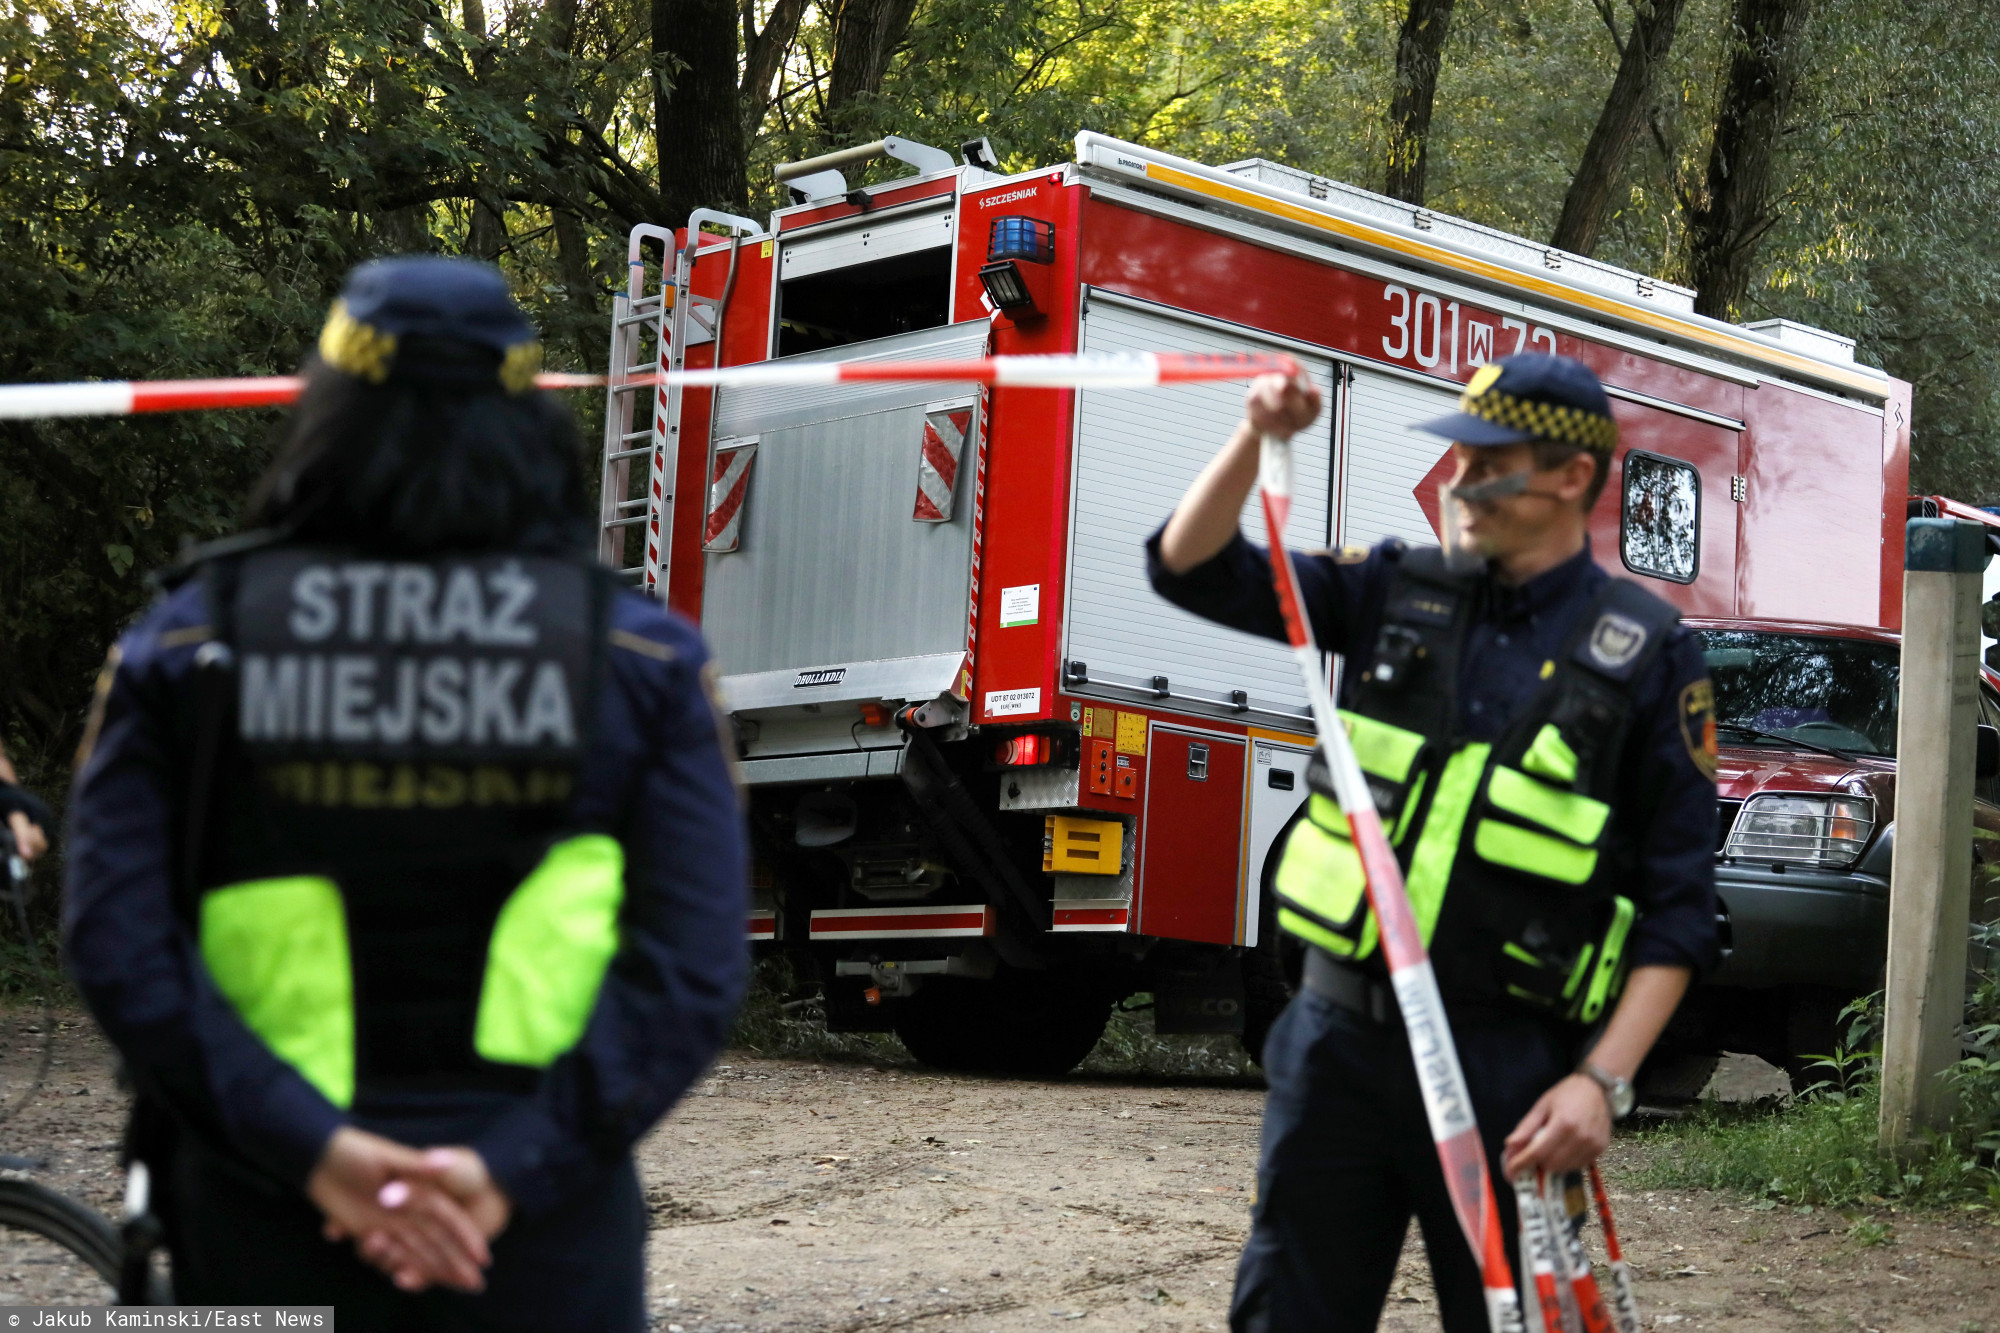 Polsat informuje o wielkim wybuchu w polskim mieście. Strażacy odkryli porażającą prawdę, ręce opadają